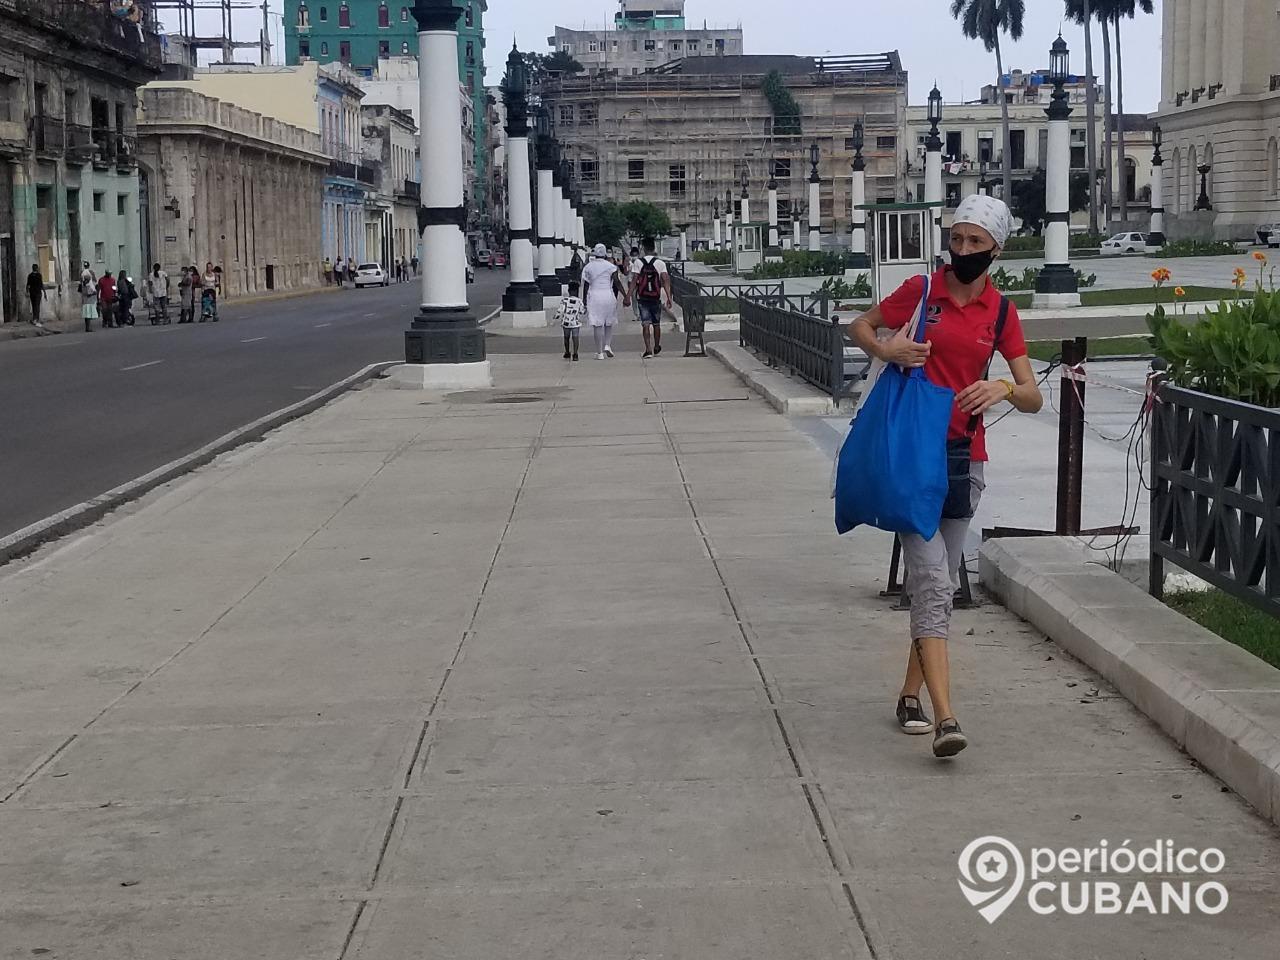 Noticias de Cuba más leídas hoy: Continúan altas las cifras de contagios en Cuba: 937 positivos y 4 muertos